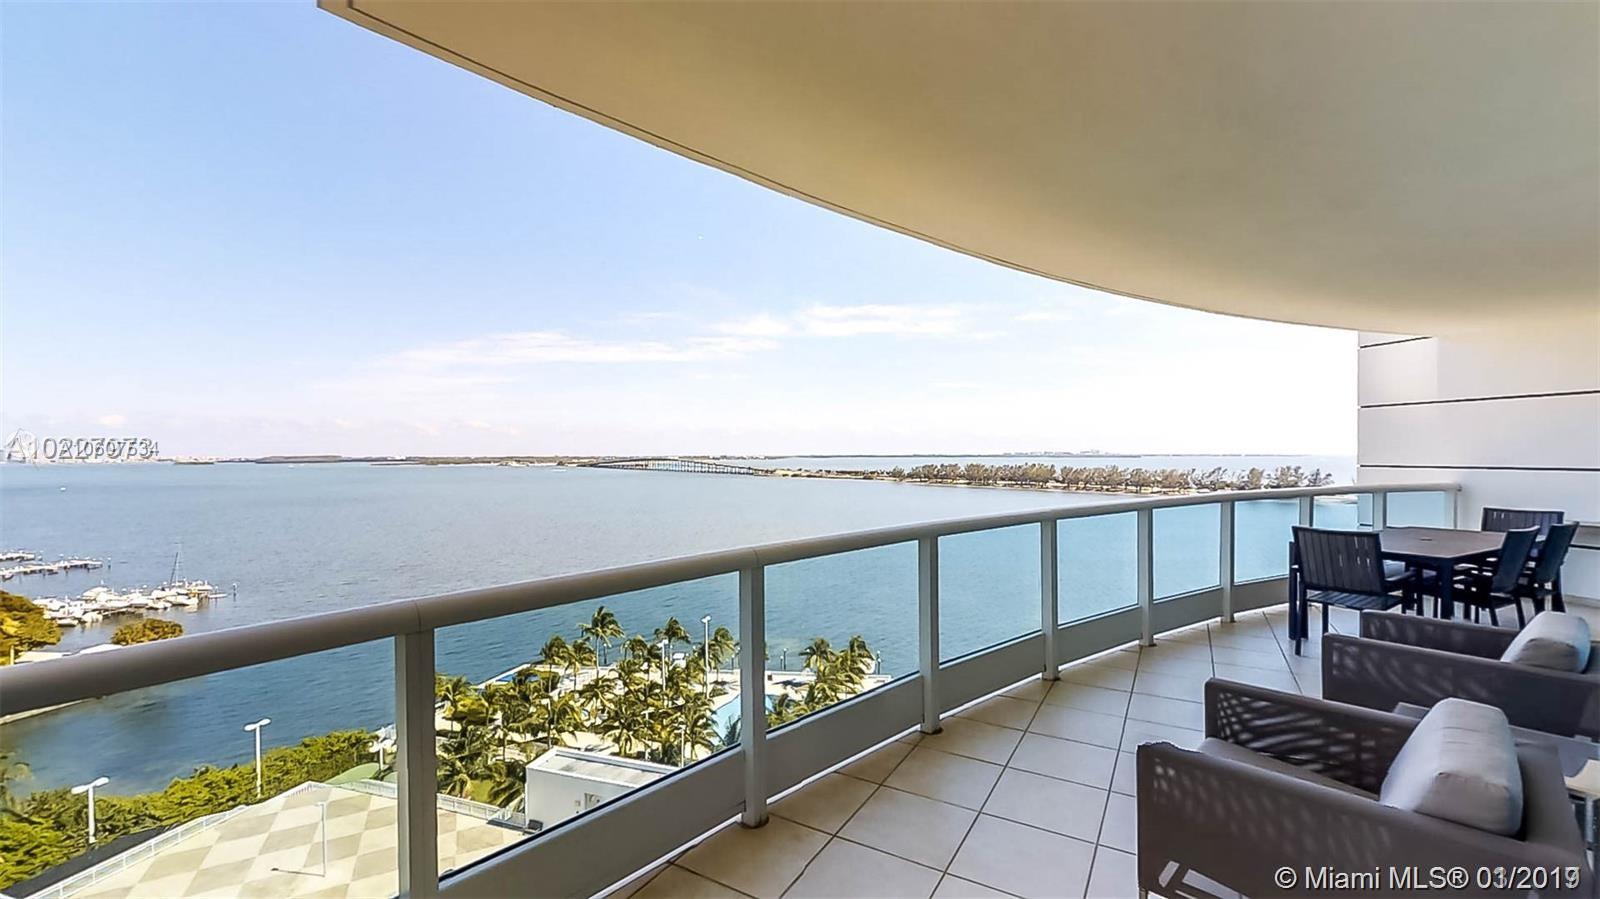 2127 Brickell Avenue, Miami, FL 33129, Bristol Tower Condominium #1501, Brickell, Miami A10607534 image #21